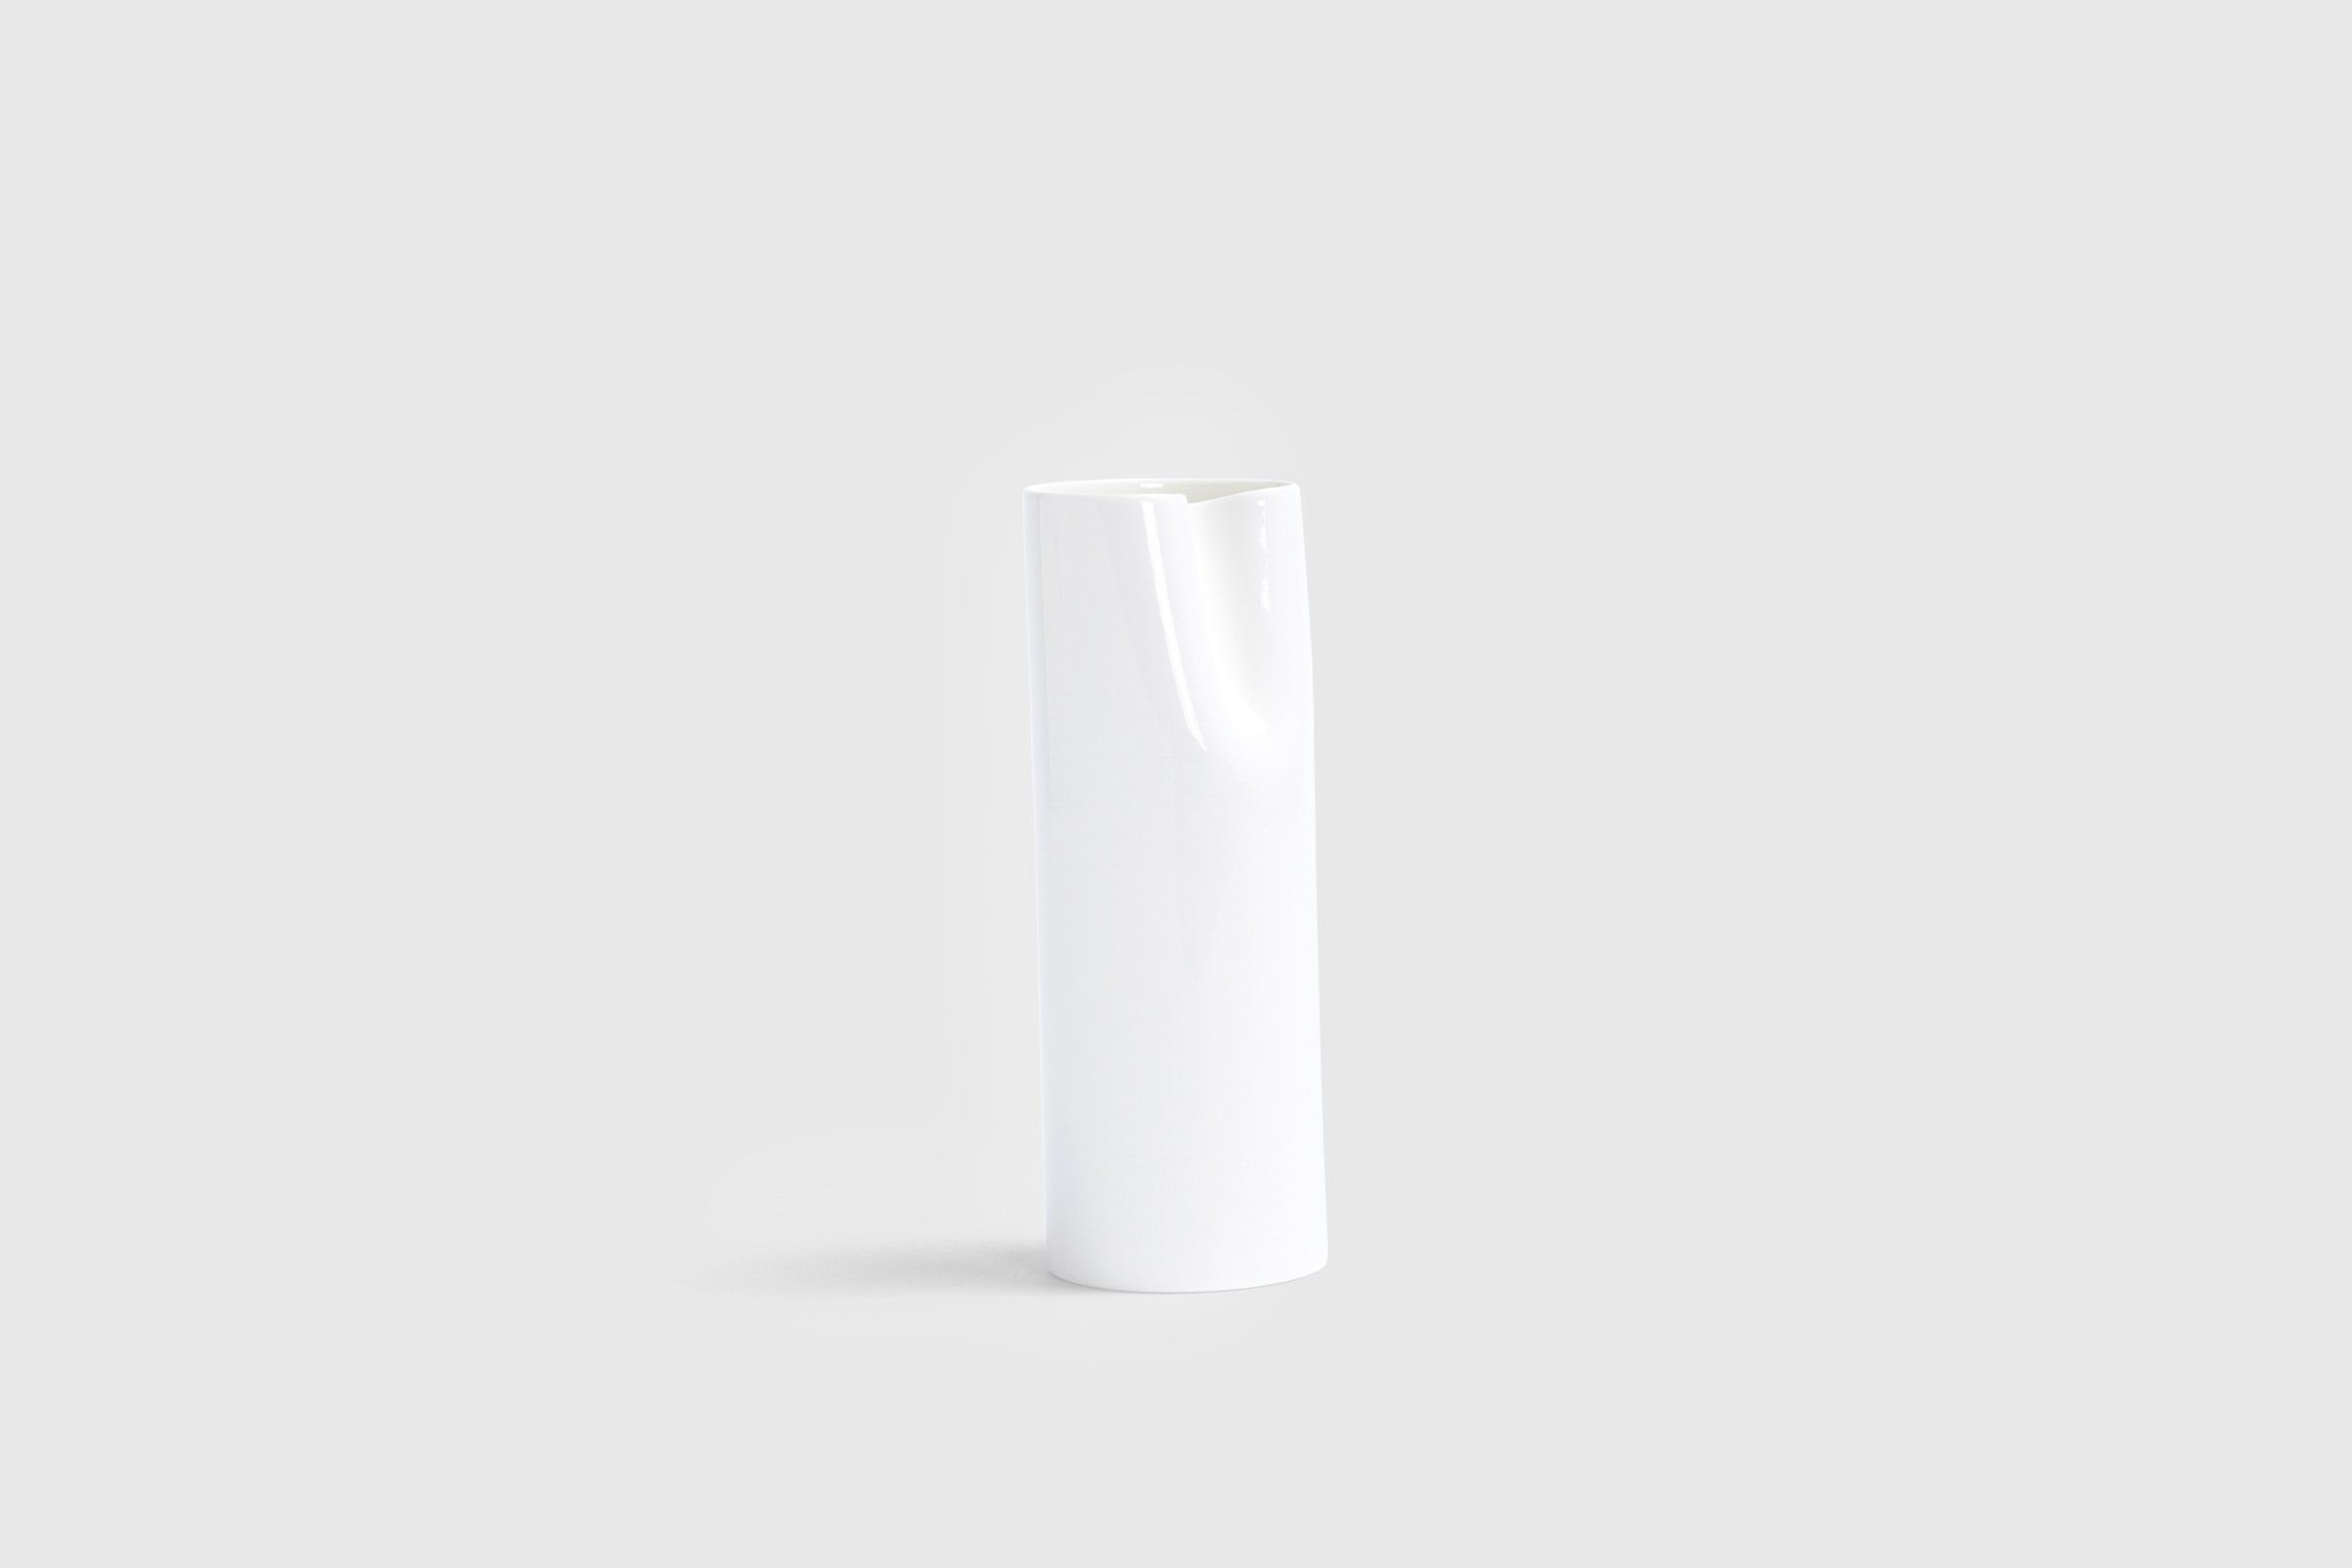 Bodo Sperlein White Sculptural Vases - Small